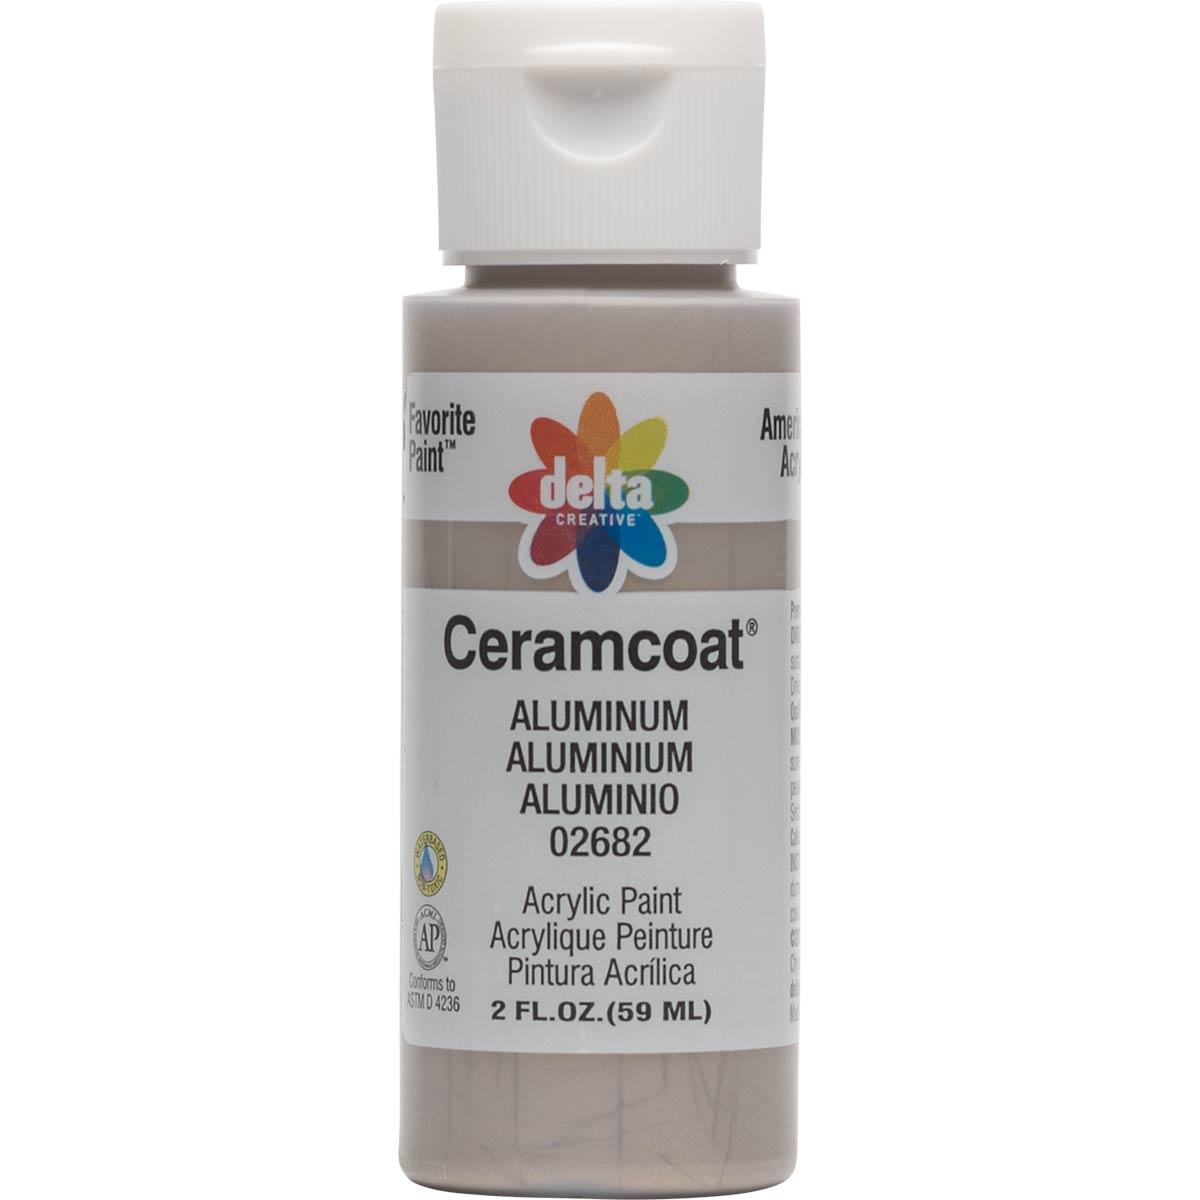 Delta Ceramcoat ® Acrylic Paint - Metallic Aluminum, 2 oz.